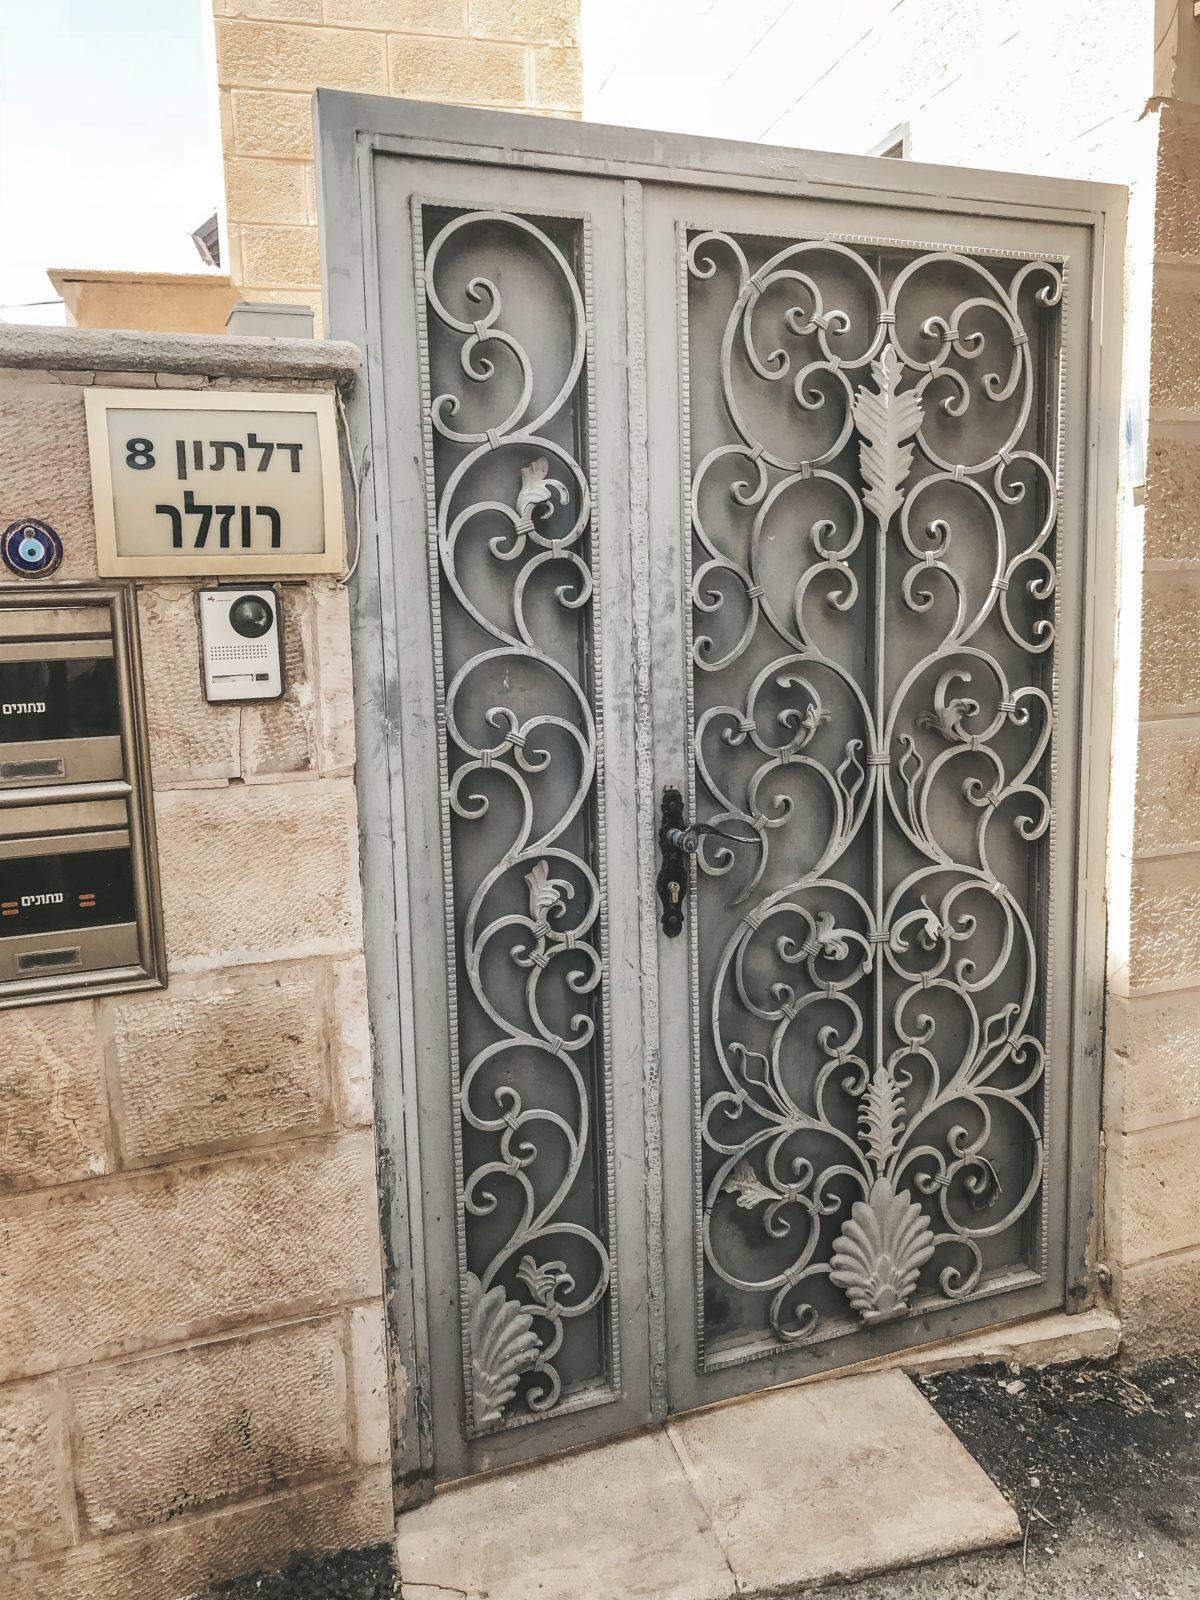 Jersualem Israel